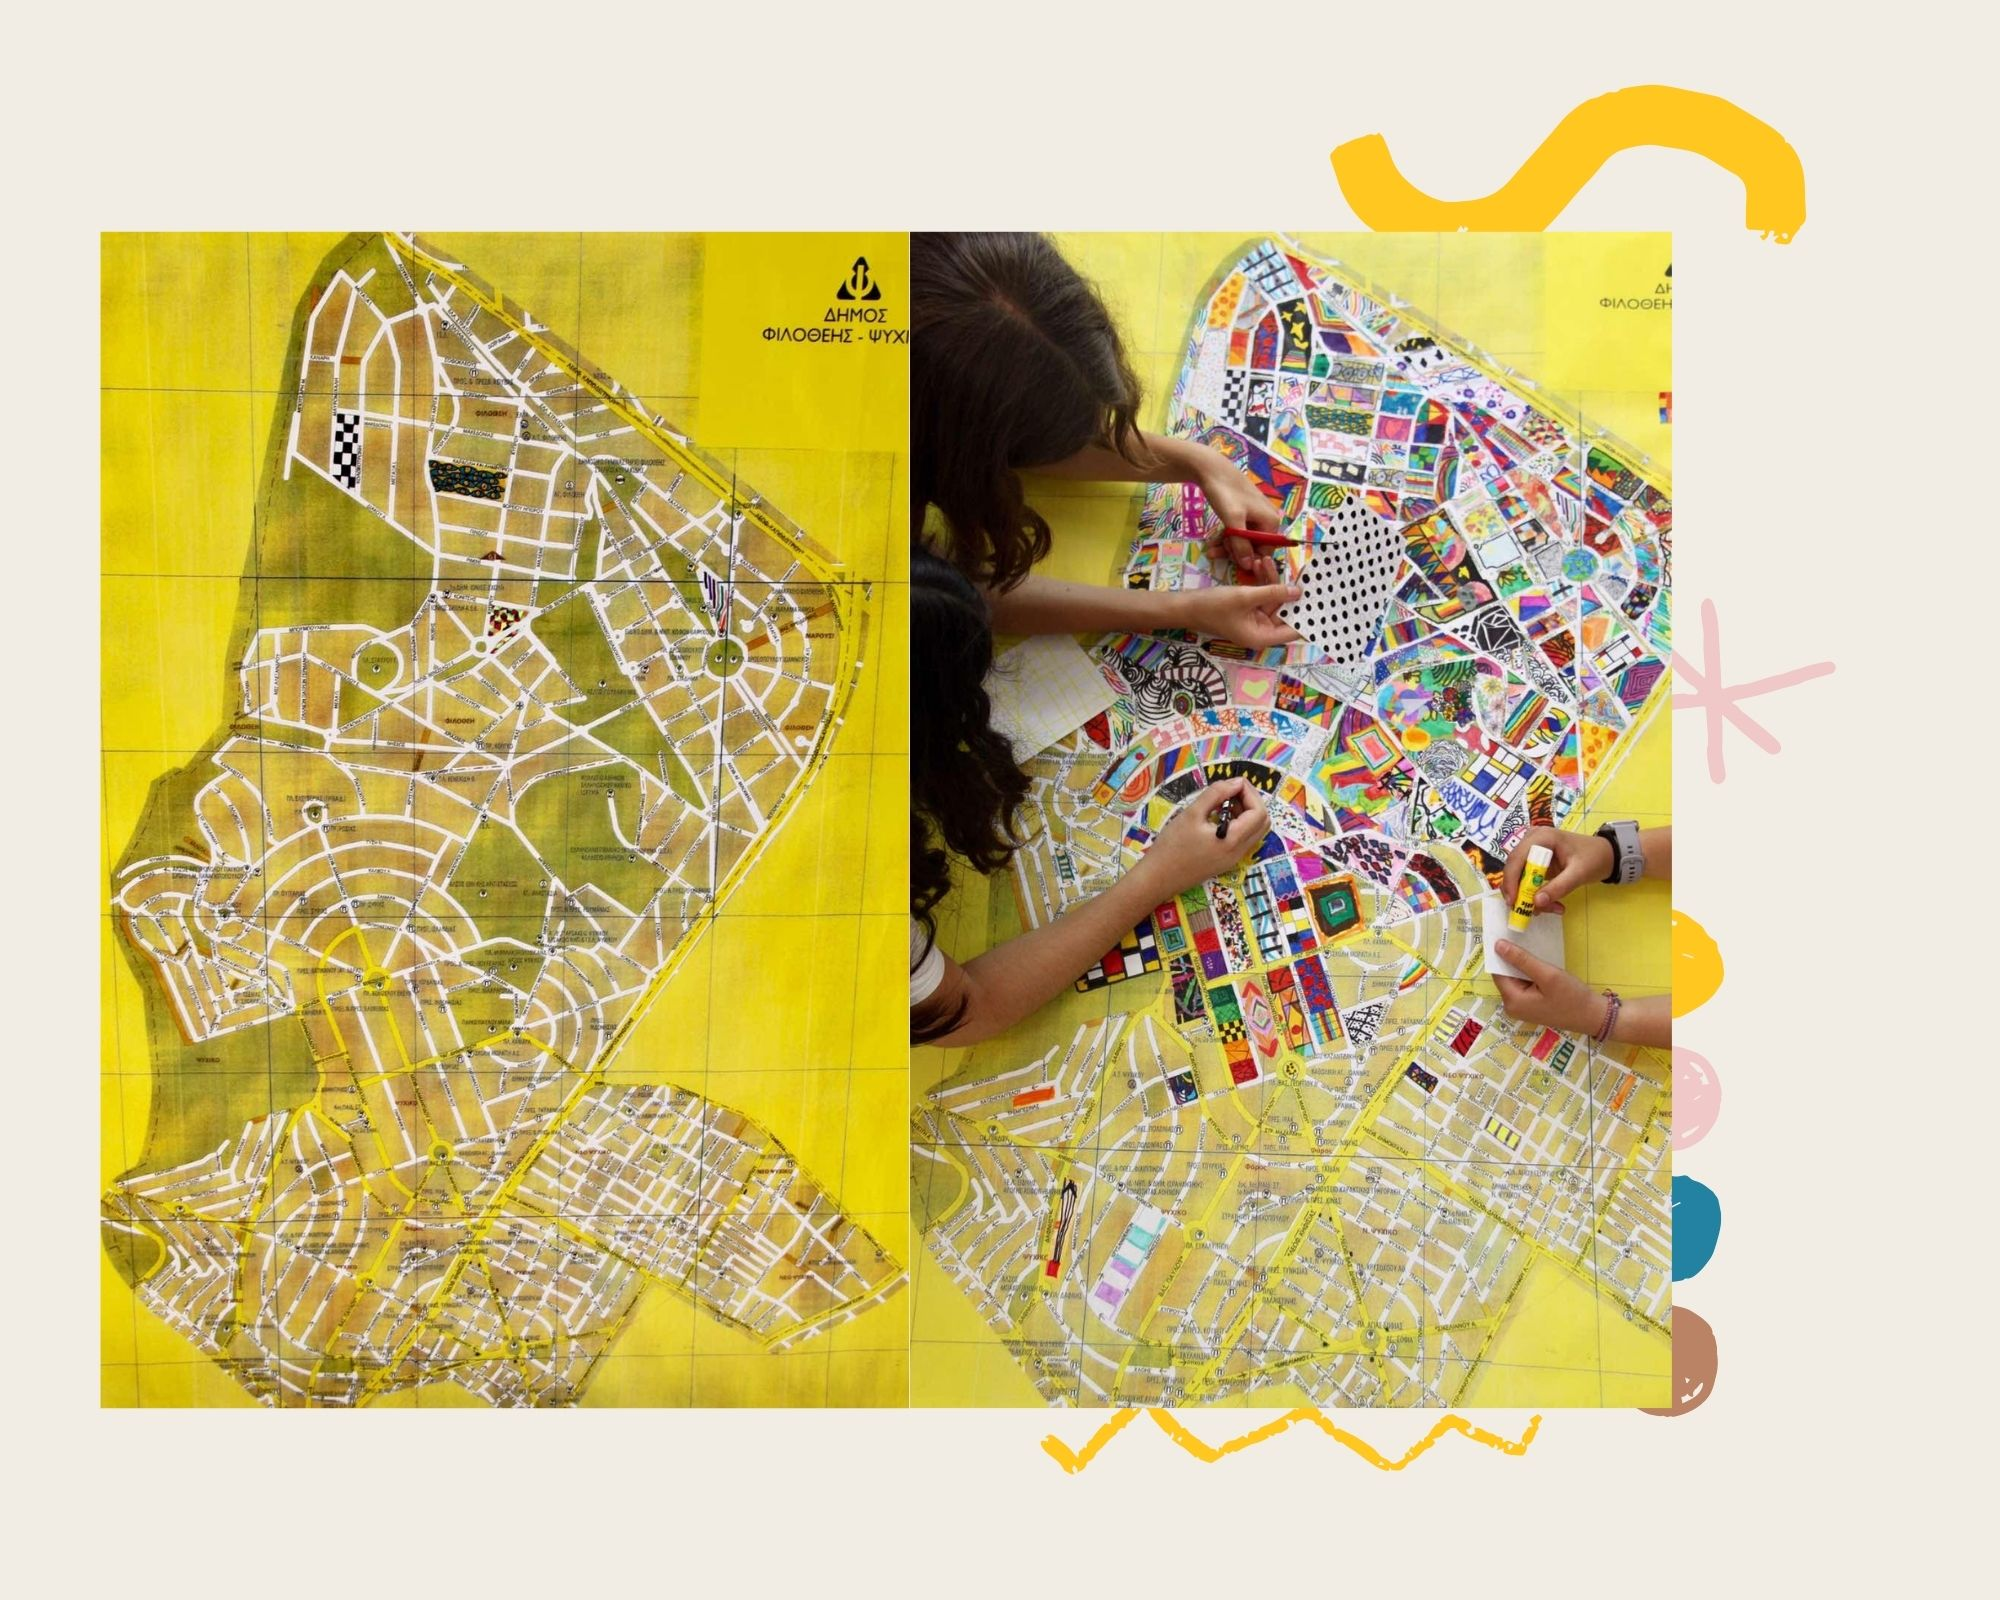 Ο χάρτης του Δήμου Ψυχικού μέσα από τα μάτια των παιδιών – Thisisus.gr